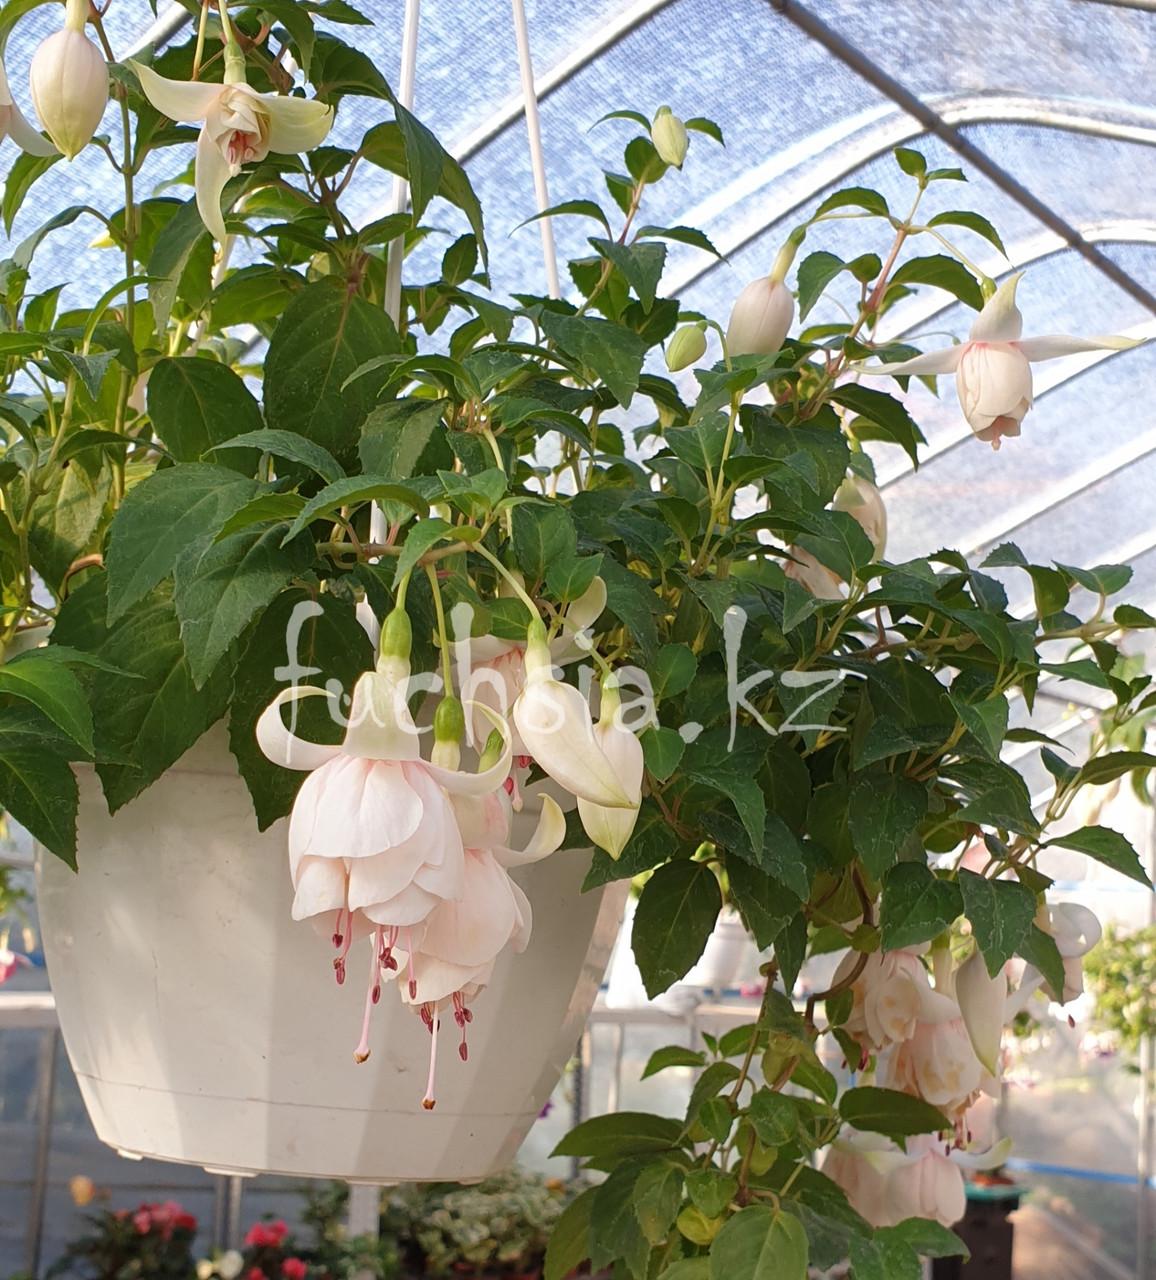 Elsy de Paw / подрощенное растение